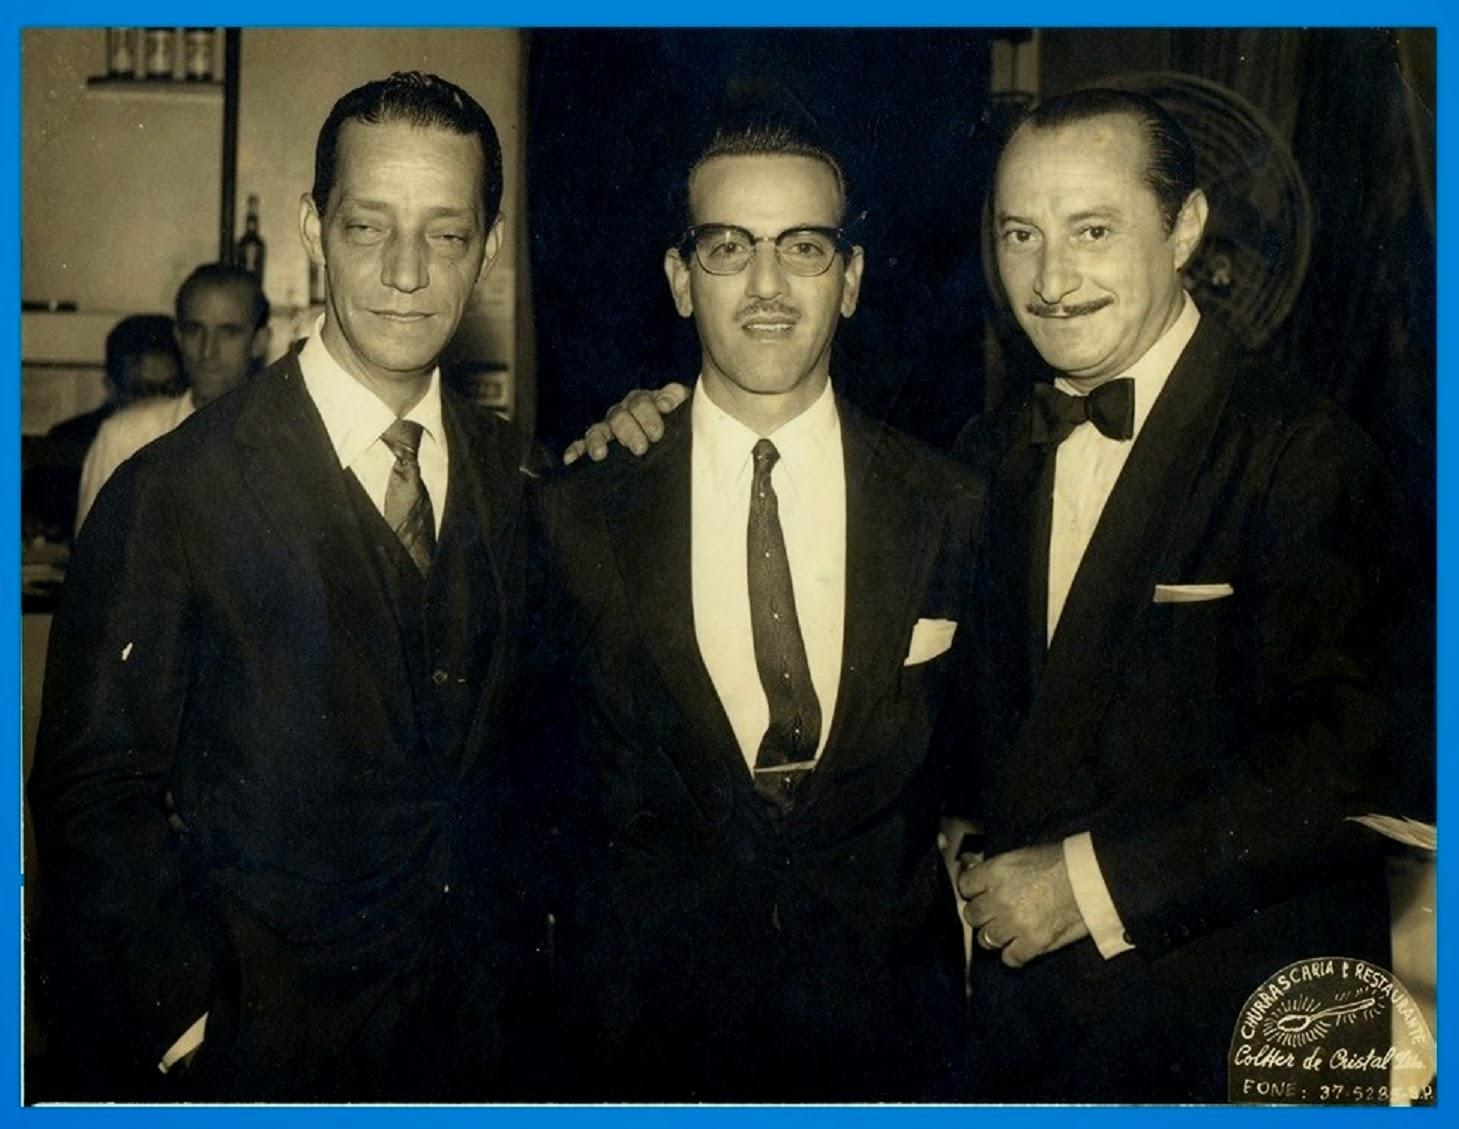 Orlando Silva, Moraes Sarmento e Carlos Galhardo